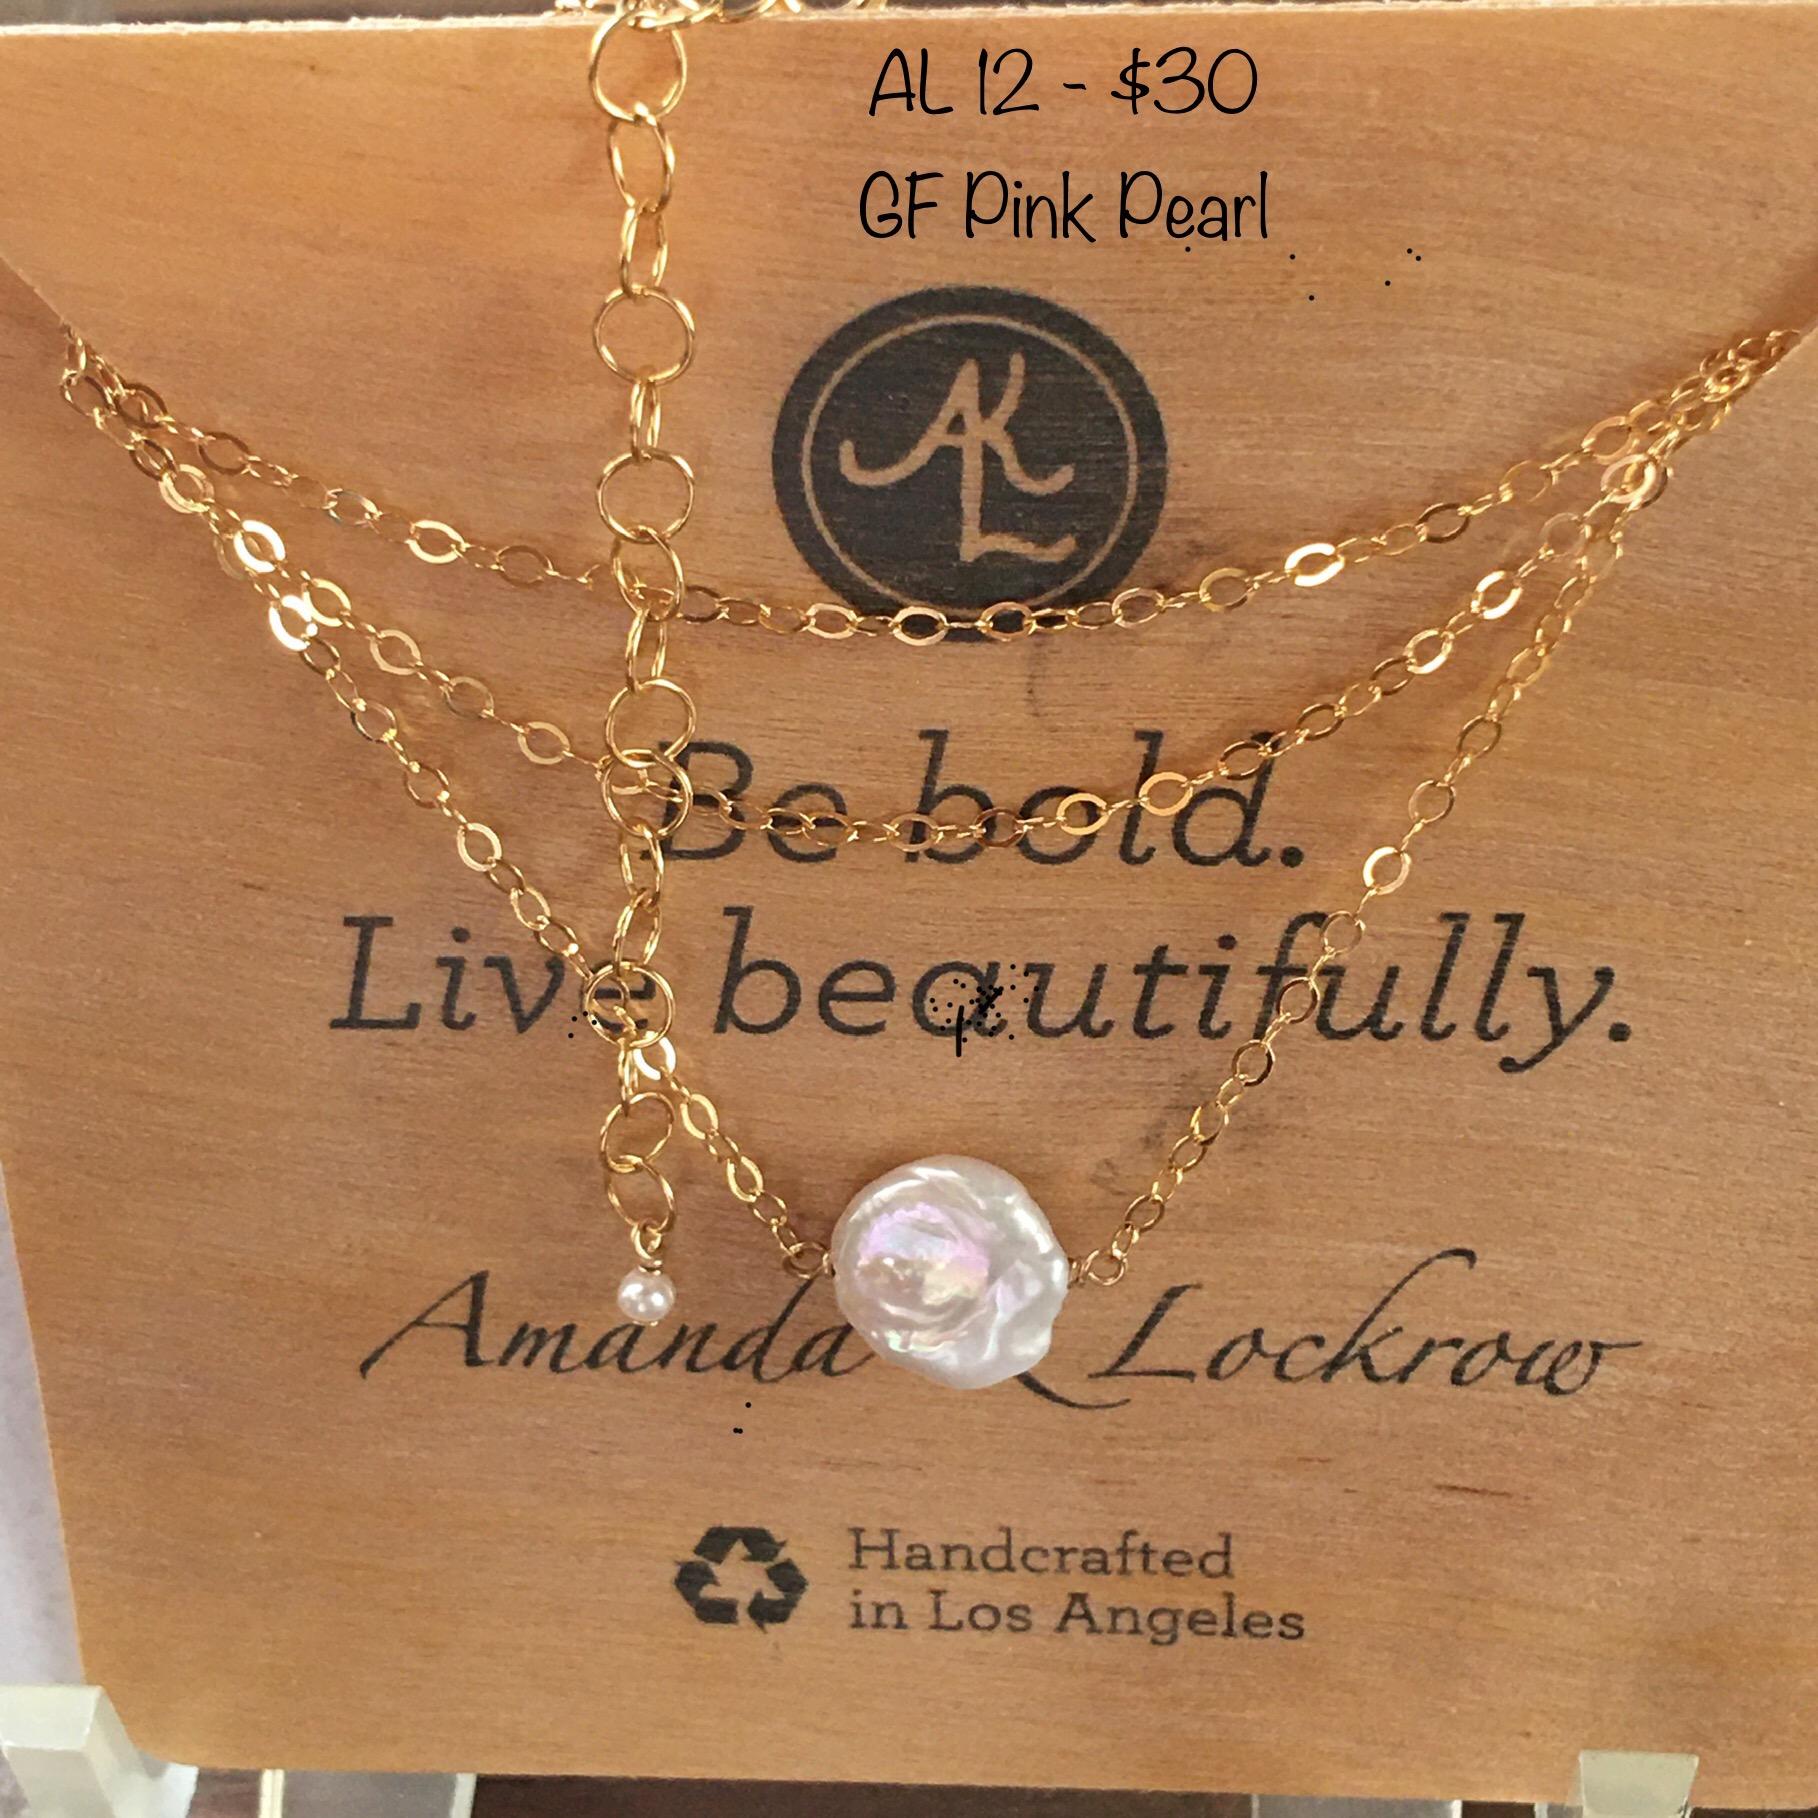 AL12-neck-GF-pink-pearl-2384.jpg